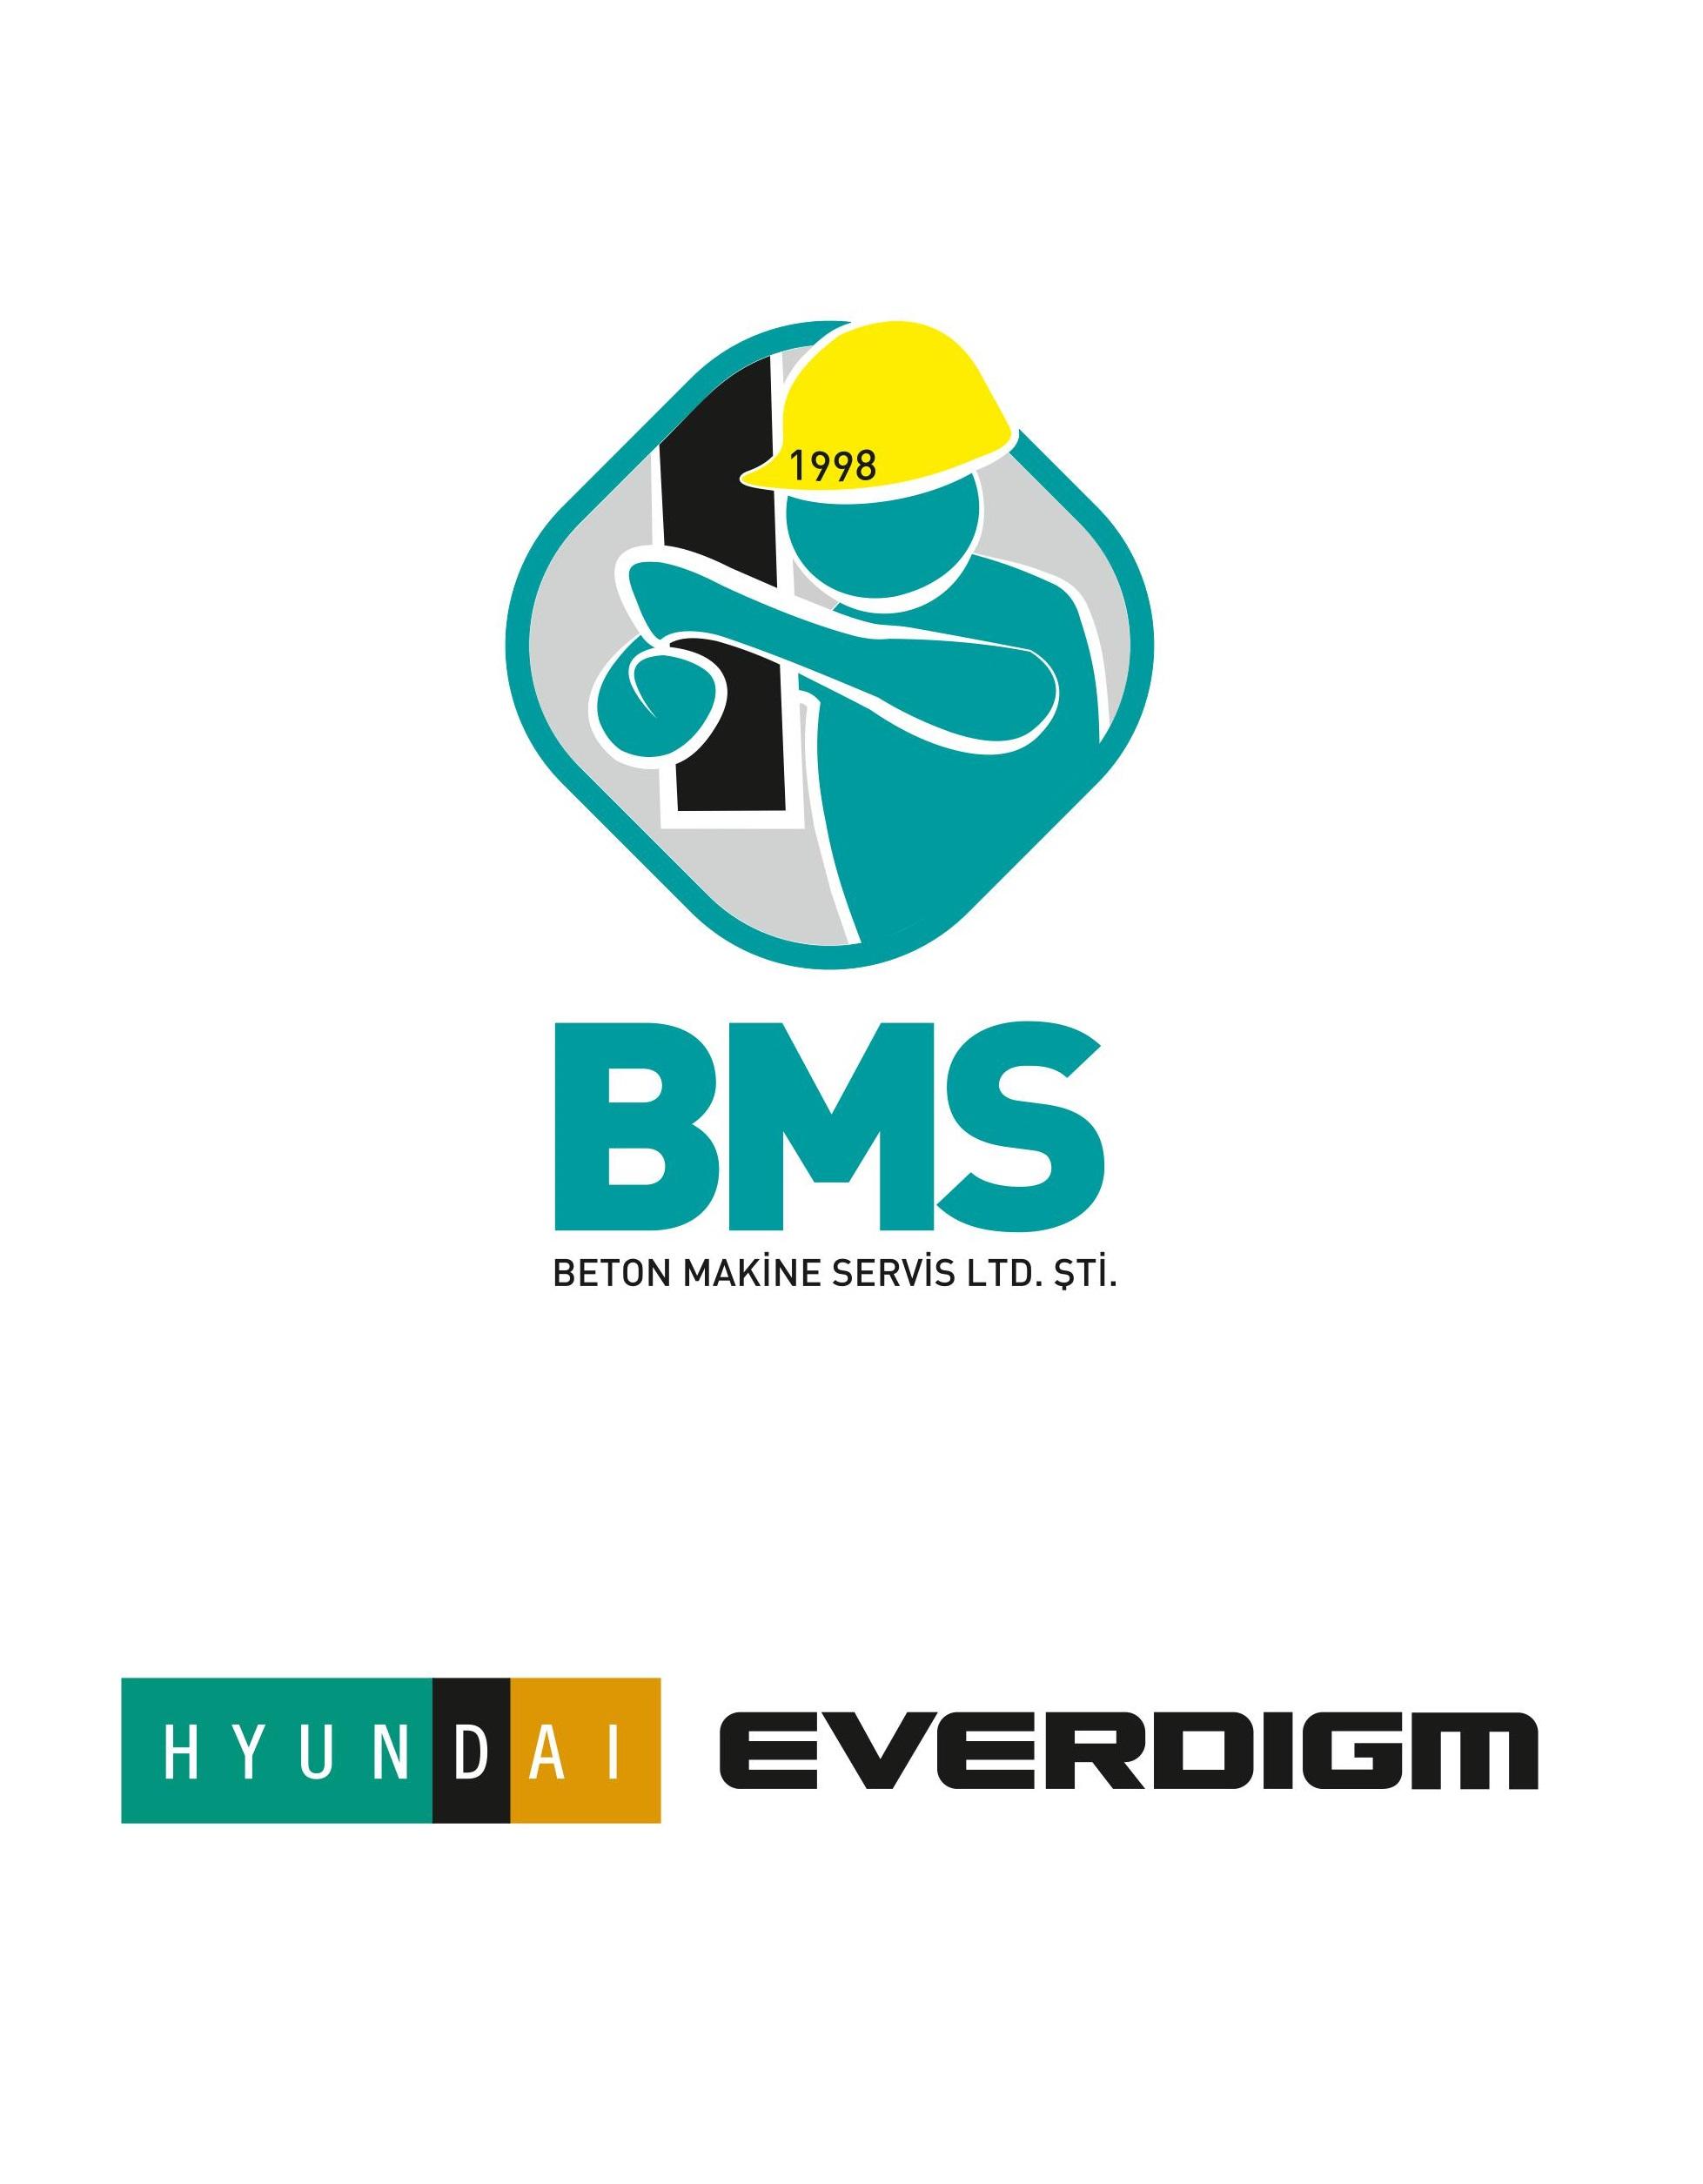 BMS BETON MAKINE SERVIS LTD. STI